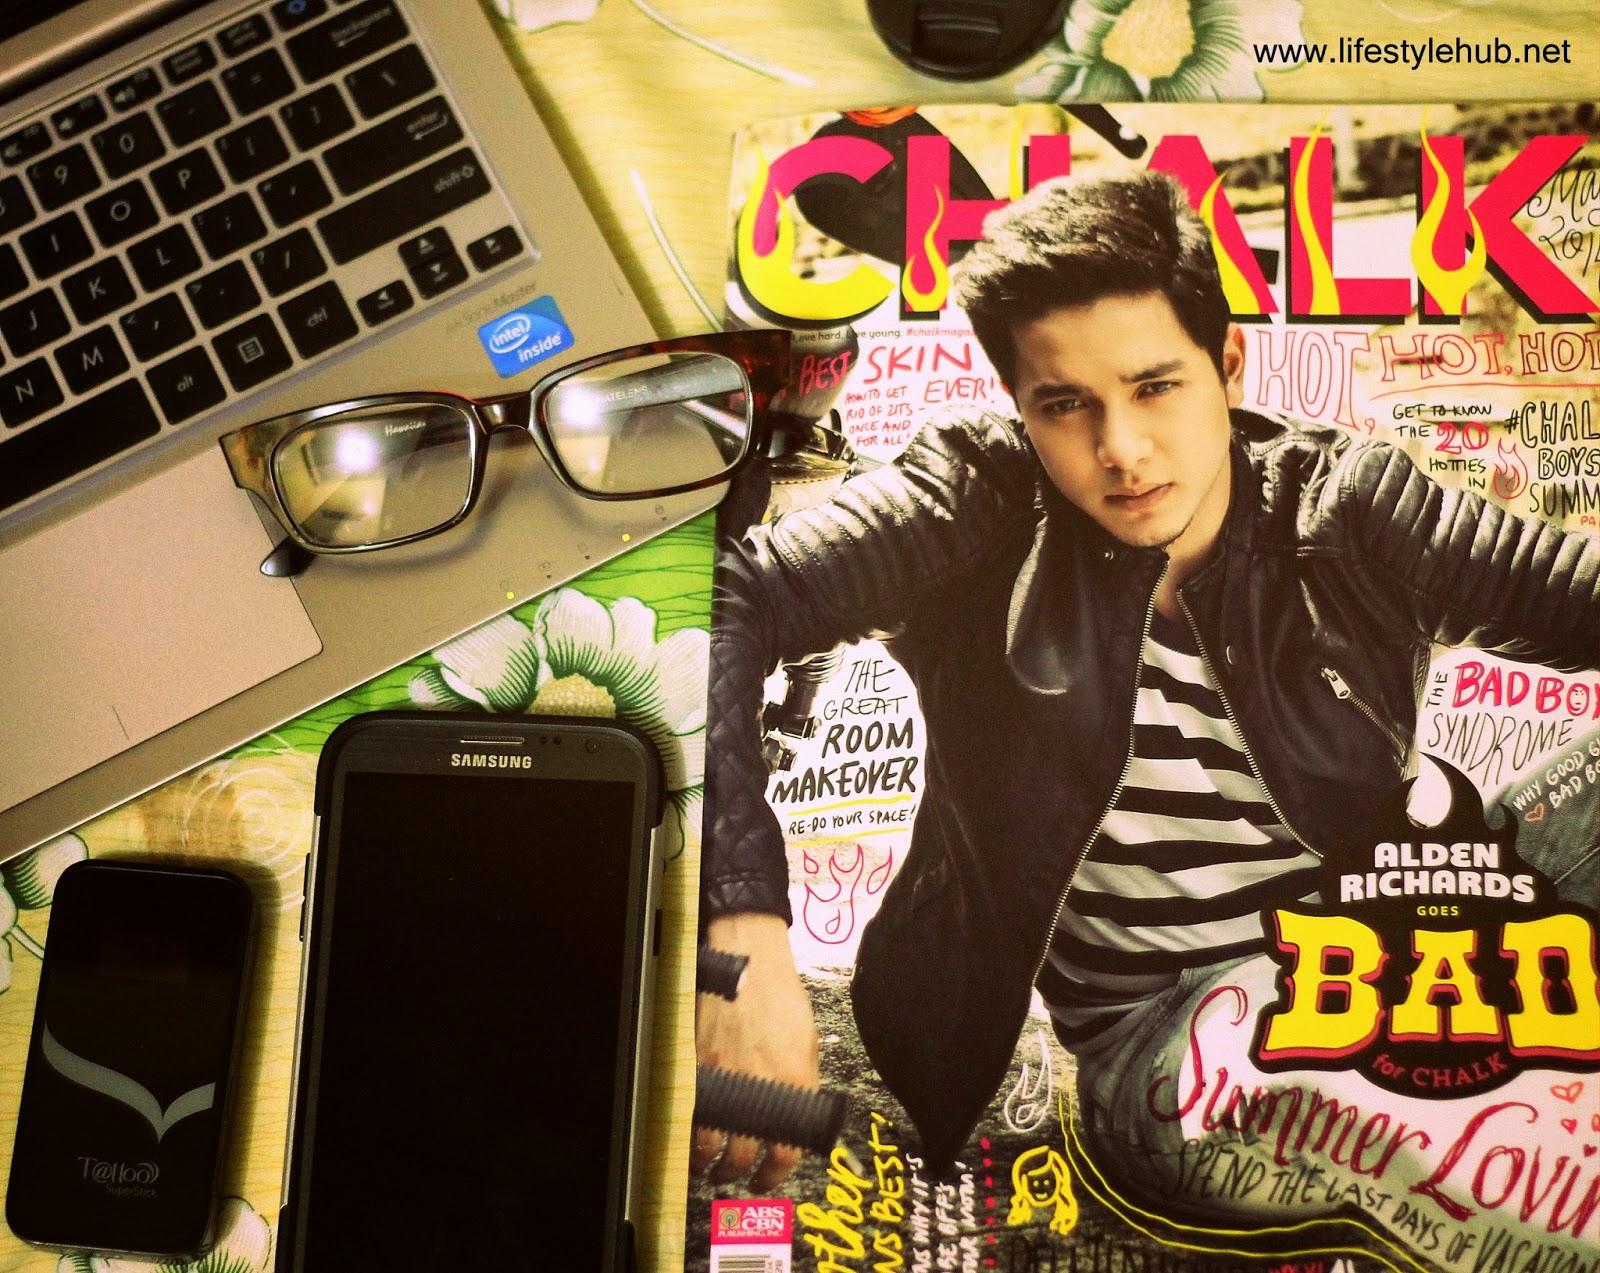 alden richards for chalk magazine cover